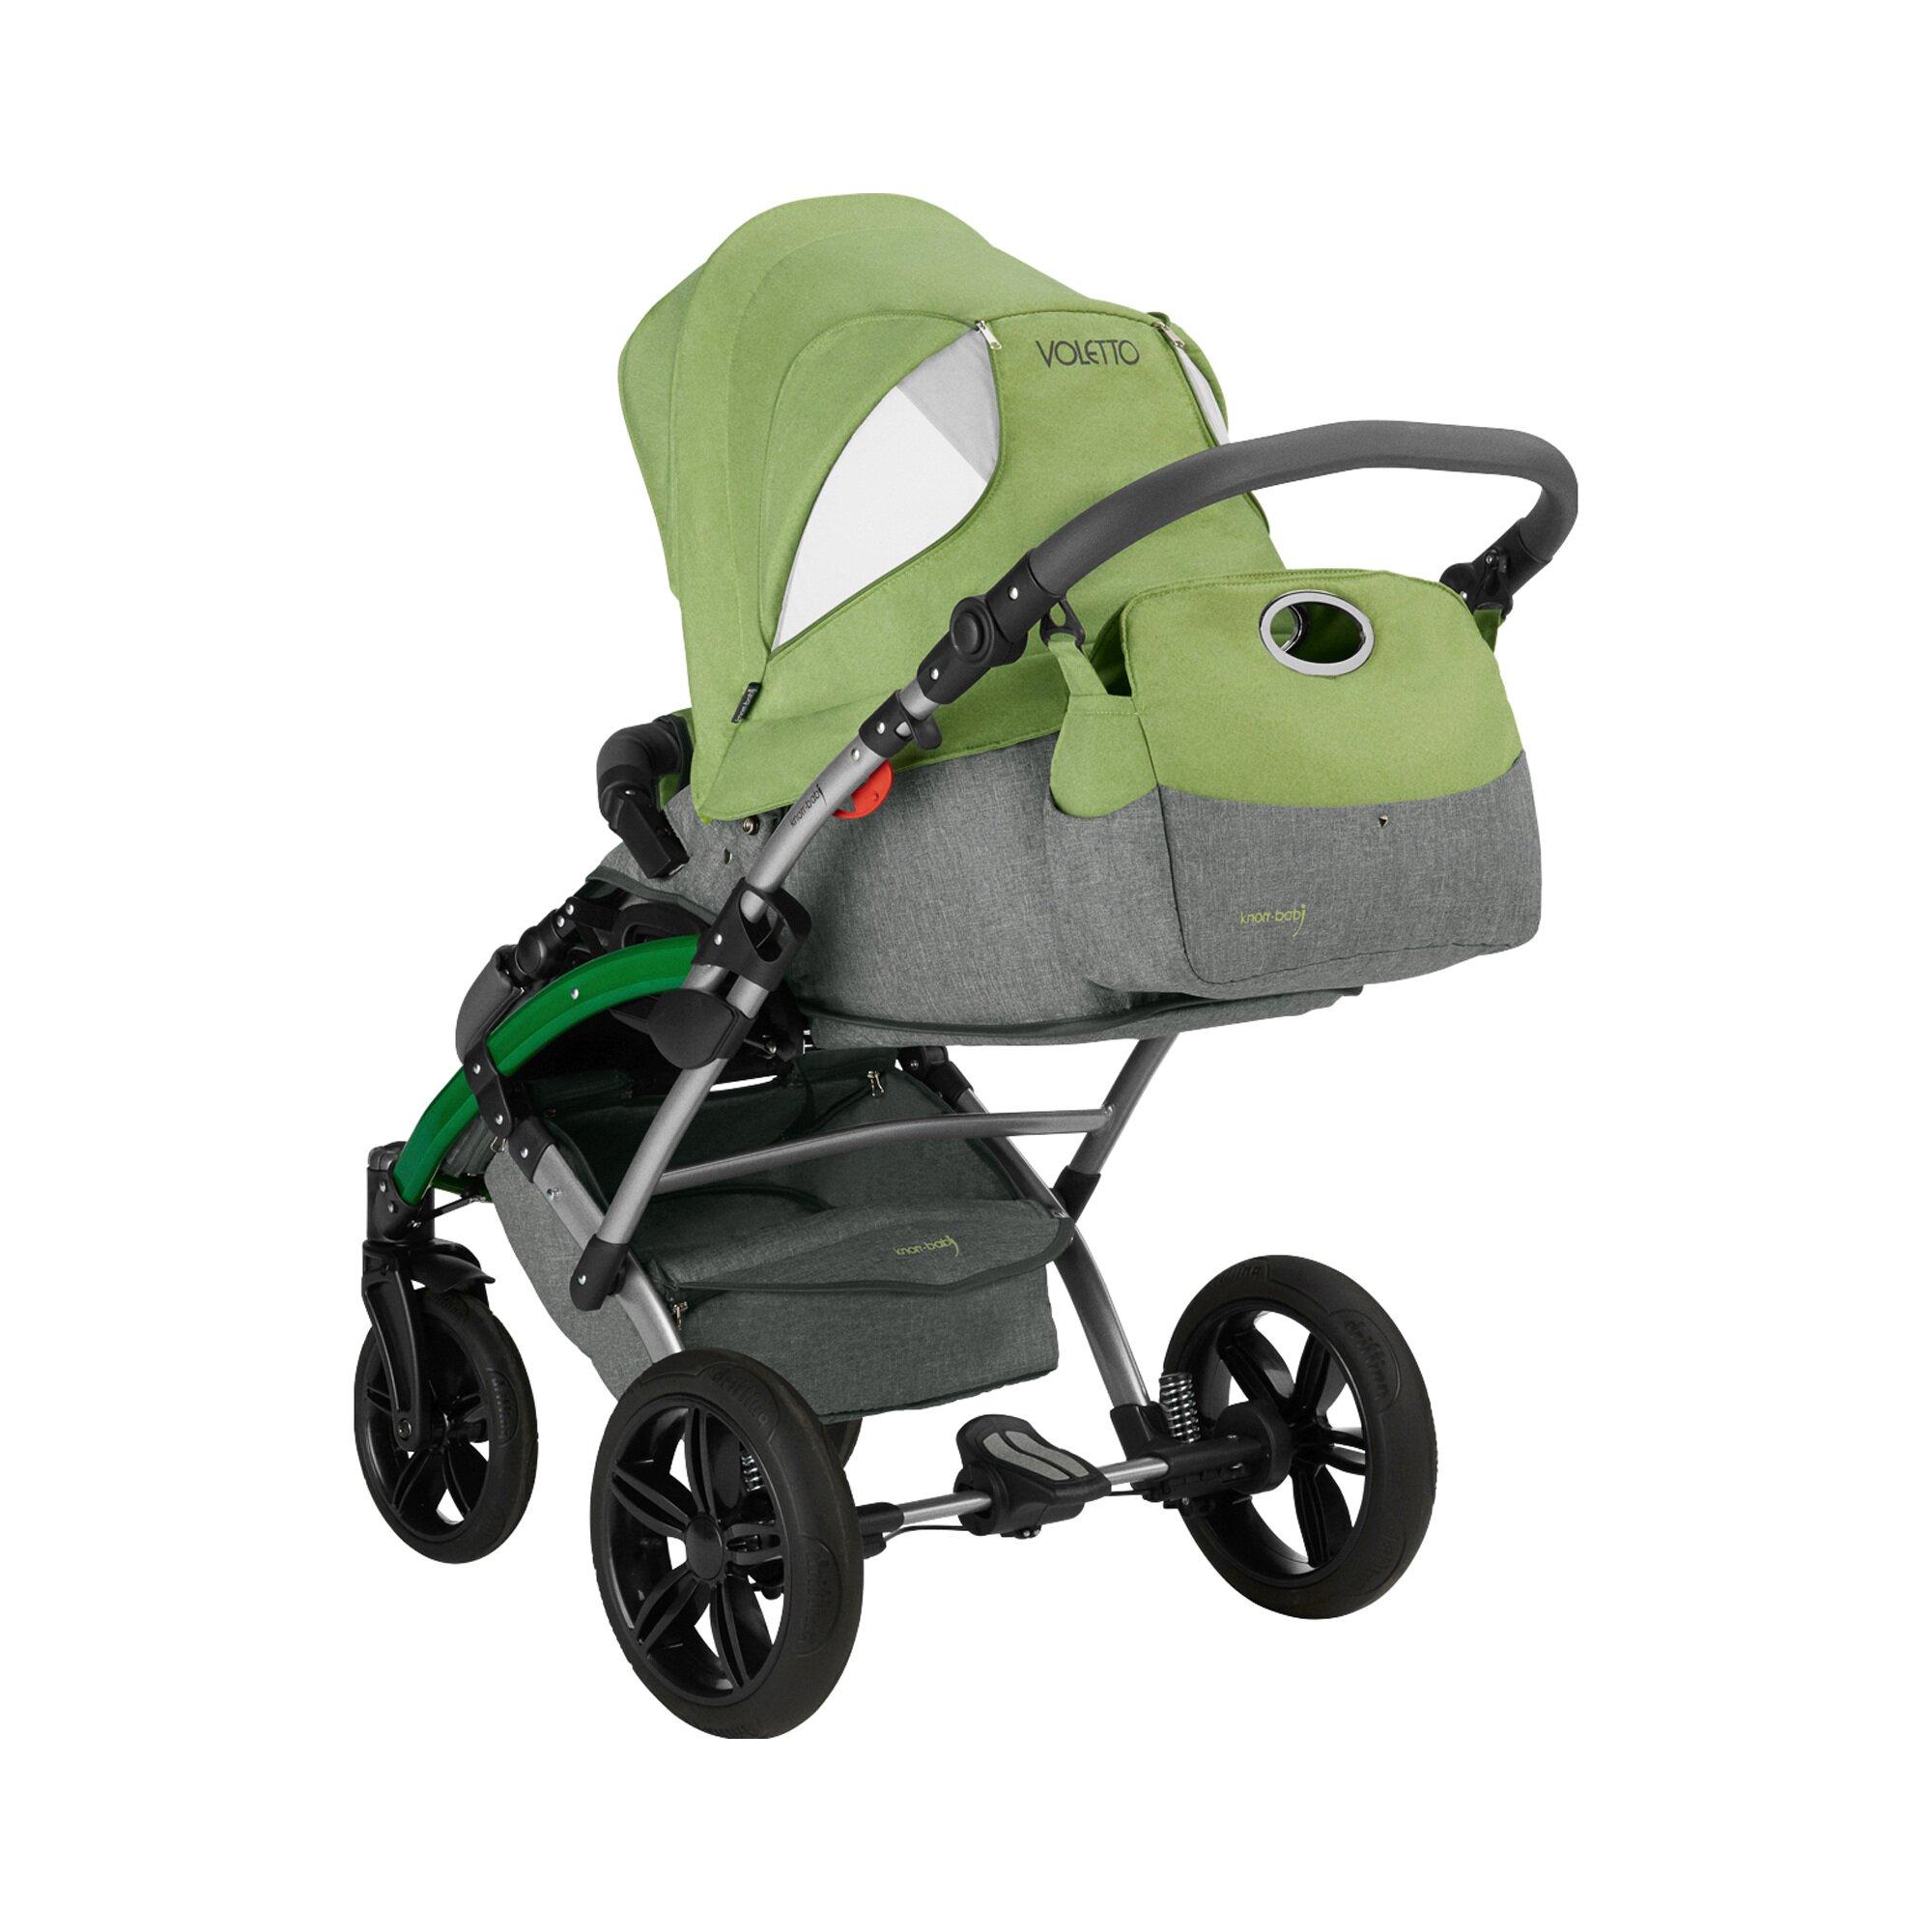 knorr-baby-voletto-happy-colour-kombikinderwagen-mit-wickeltasche-gruen, 649.00 EUR @ babywalz-de